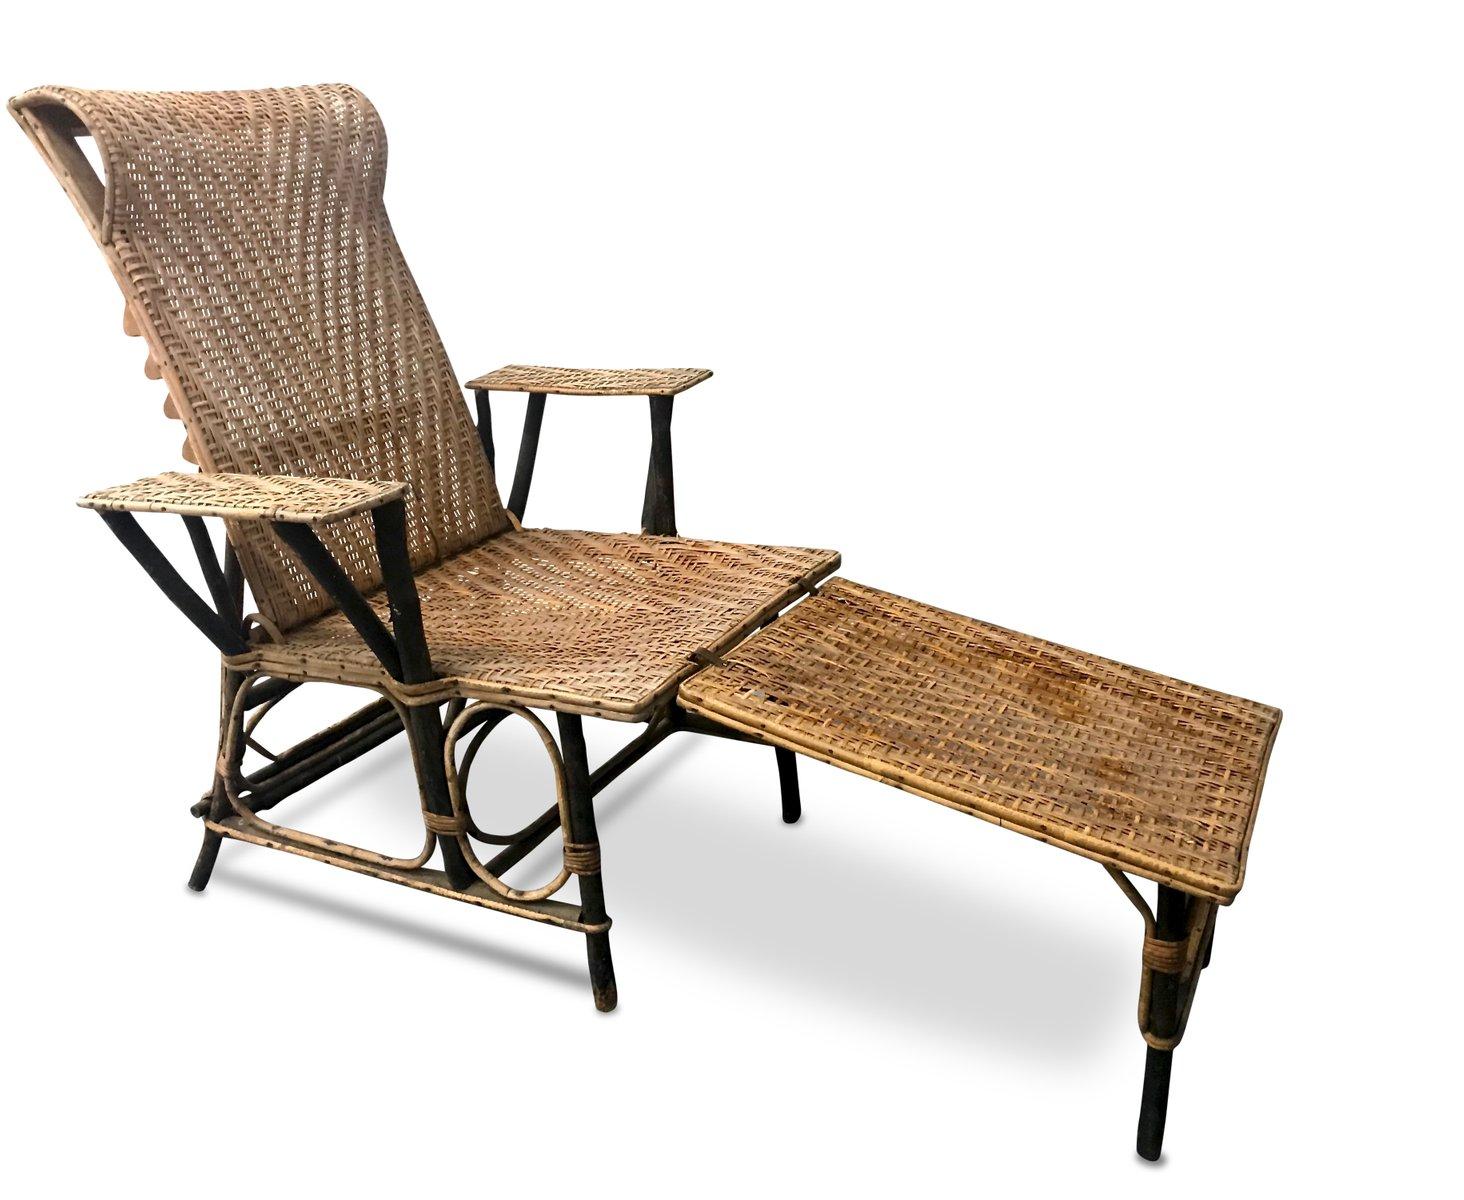 fauteuil vintage en osier bambou france - Fauteuil Bambou